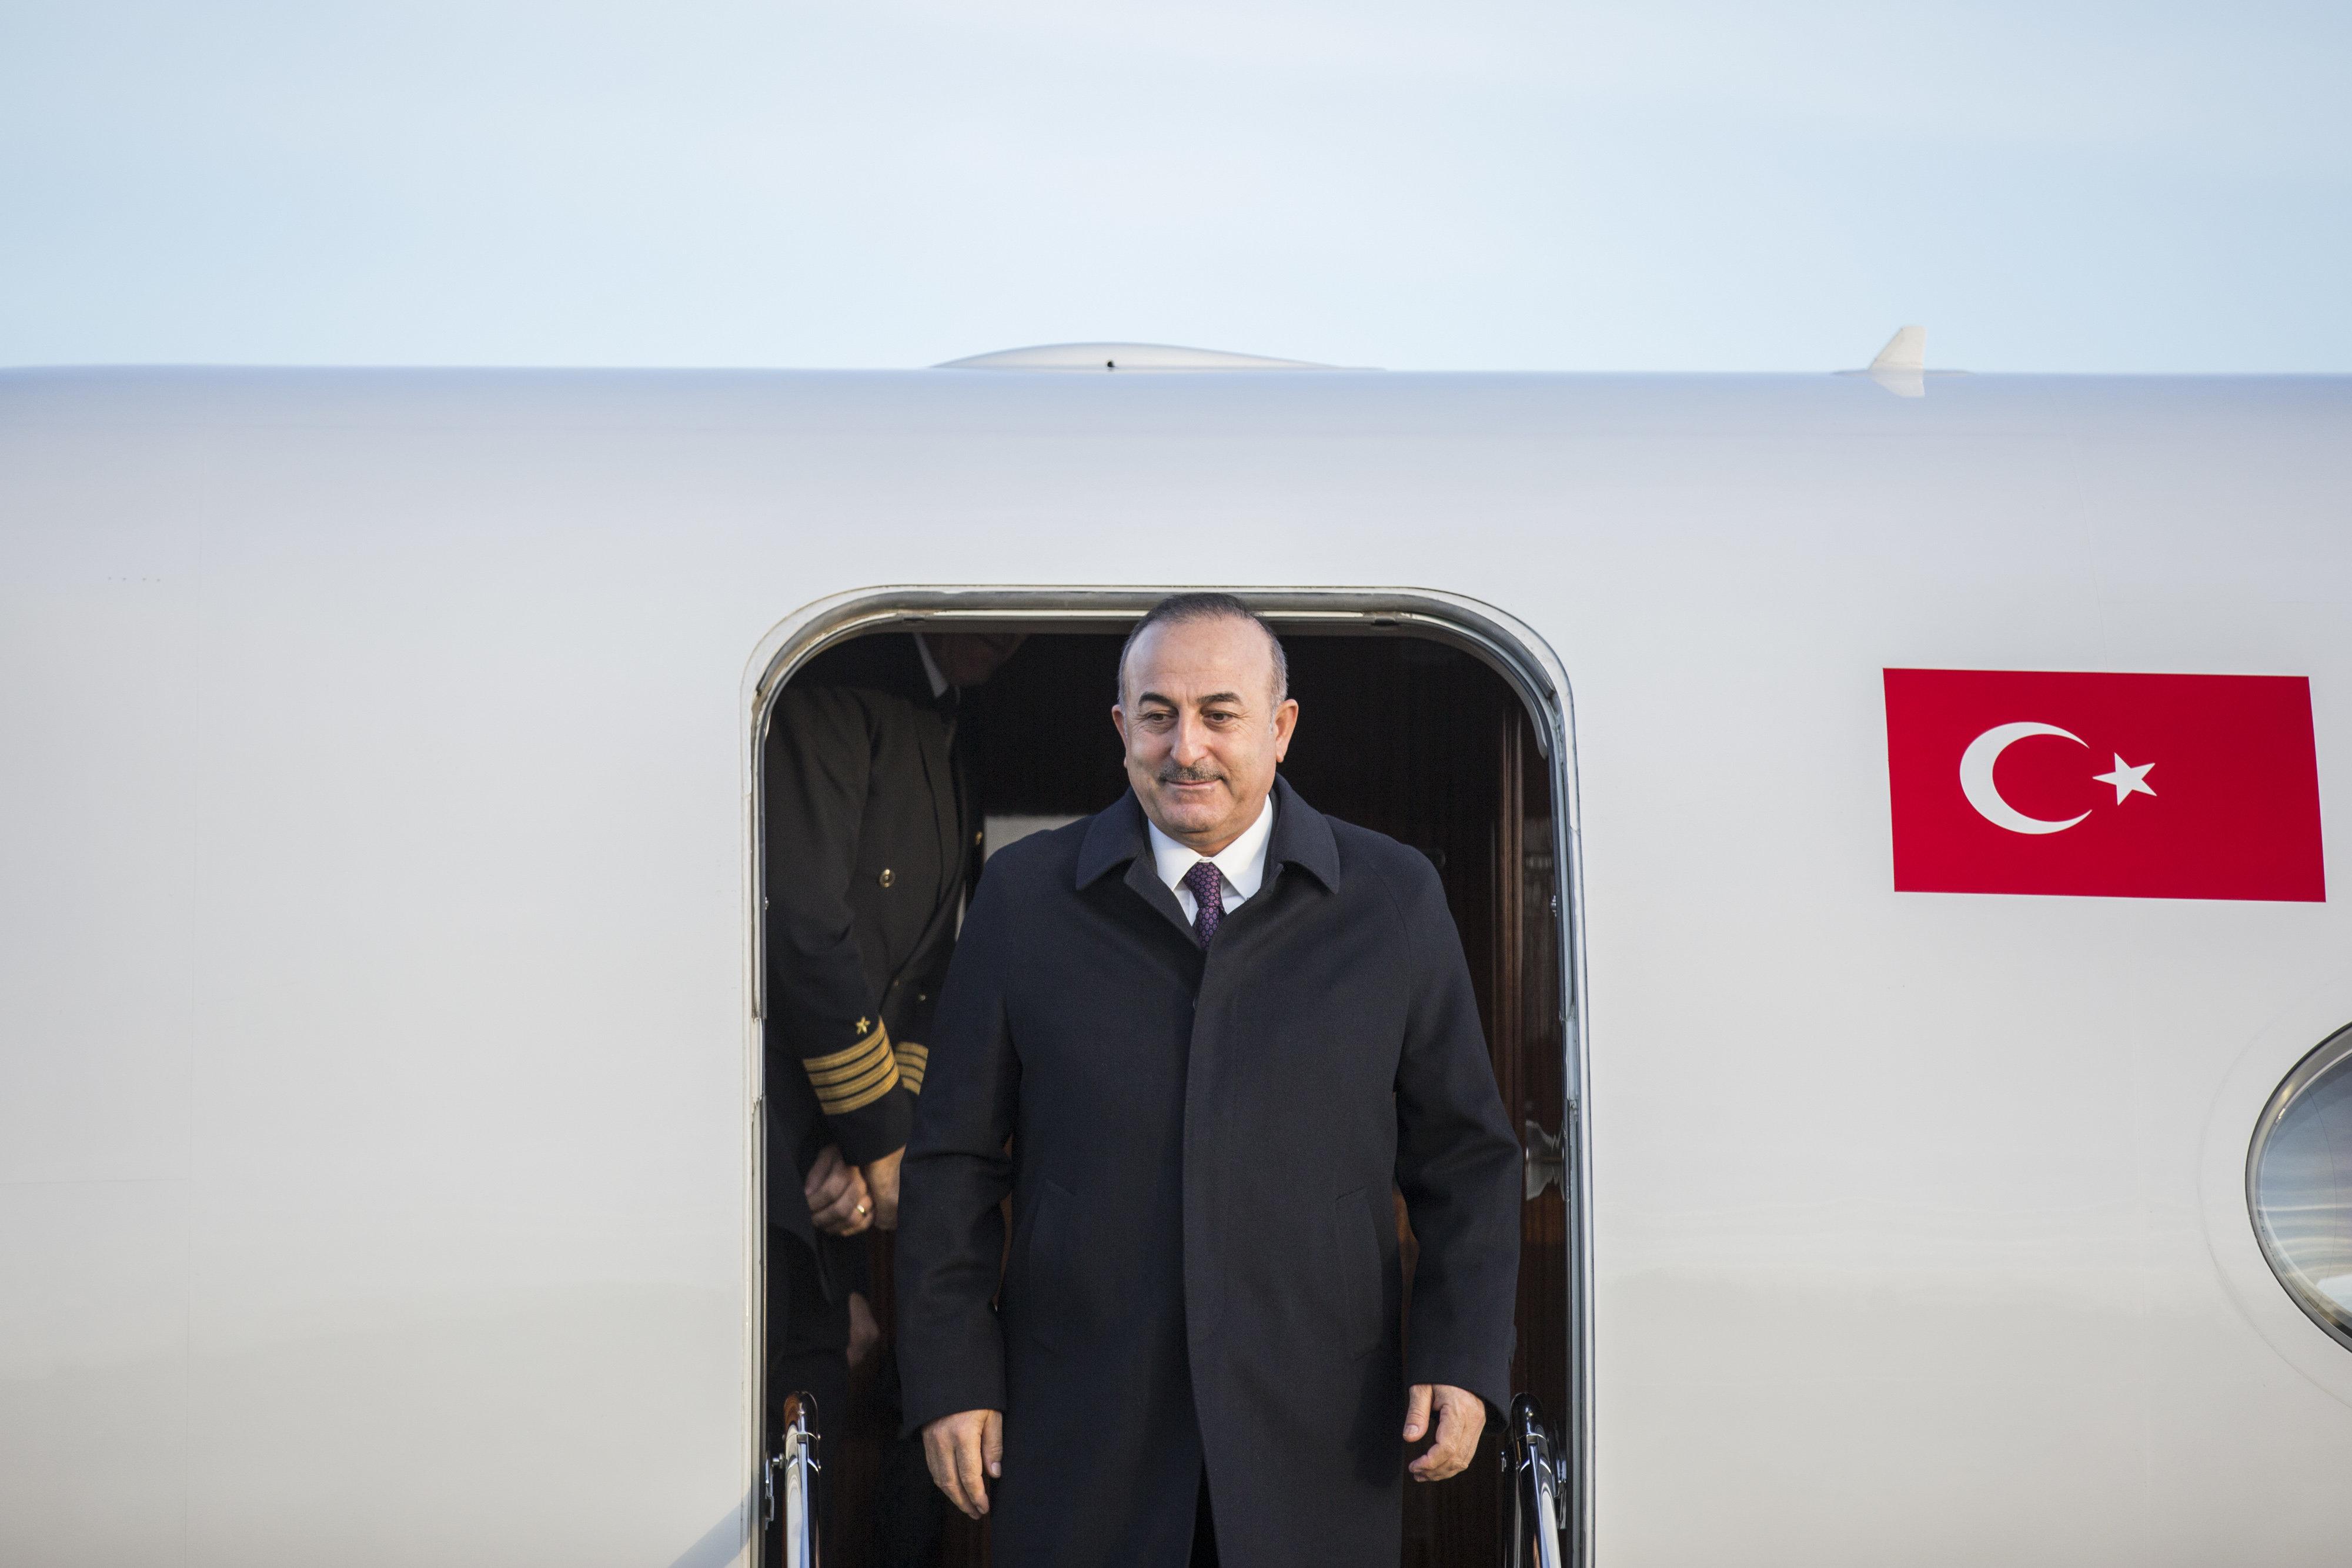 Προεδρικό σύστημα για την κατεχόμενη Κύπρο εισηγείται ο